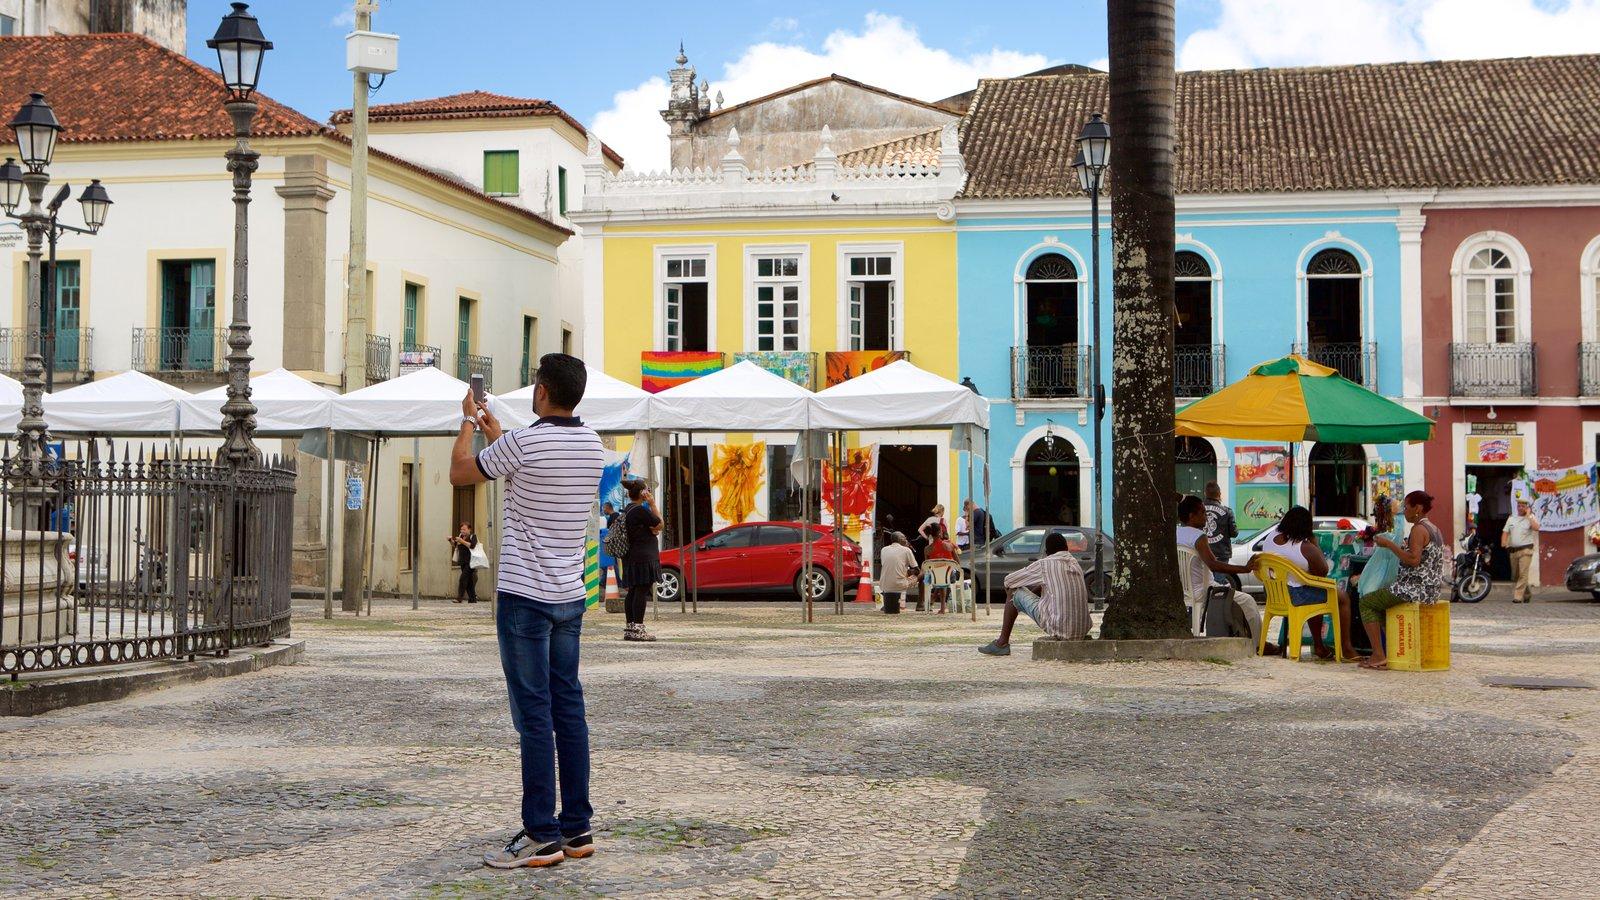 Terreiro de Jesus caracterizando cenas de rua e uma praça ou plaza assim como um homem sozinho